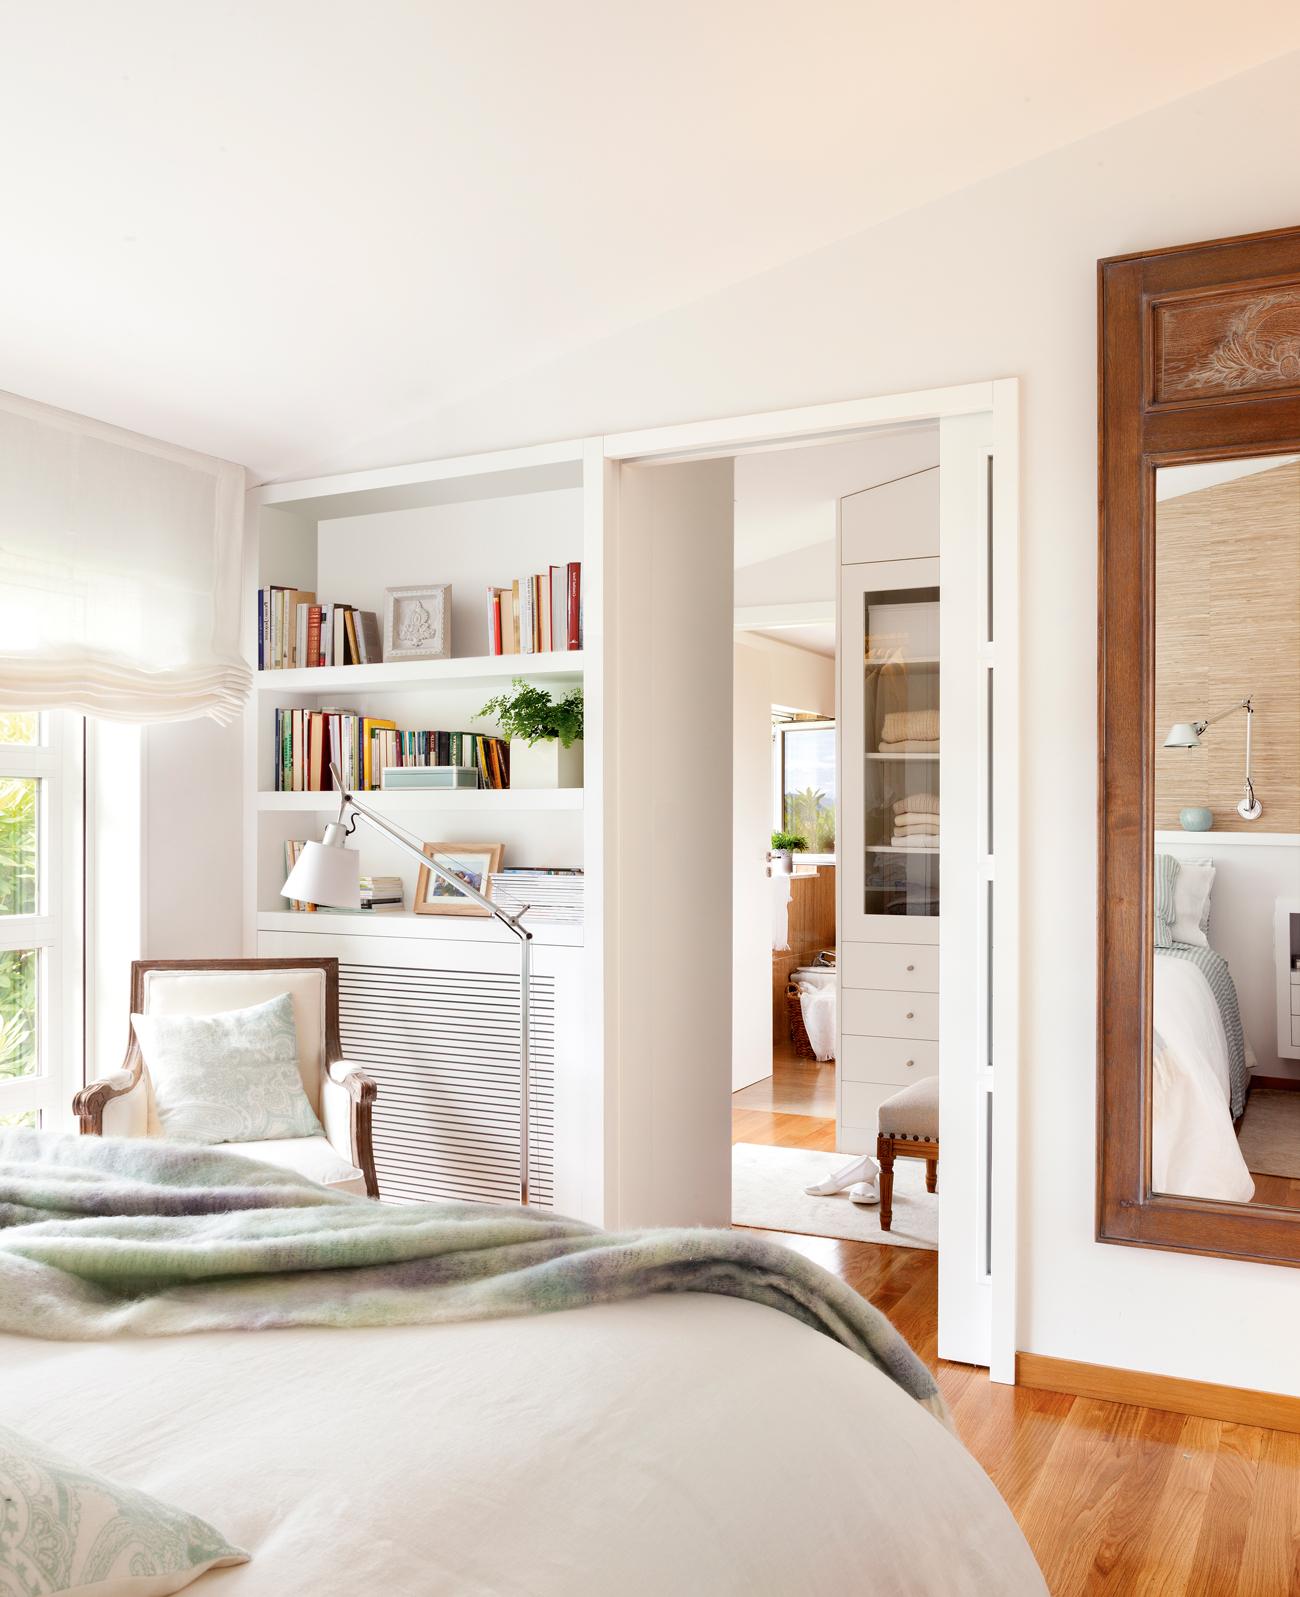 00410986. Dormitorio con espejo de madera, librería, paso a vestidor por puerta acristalada corredera 00410986